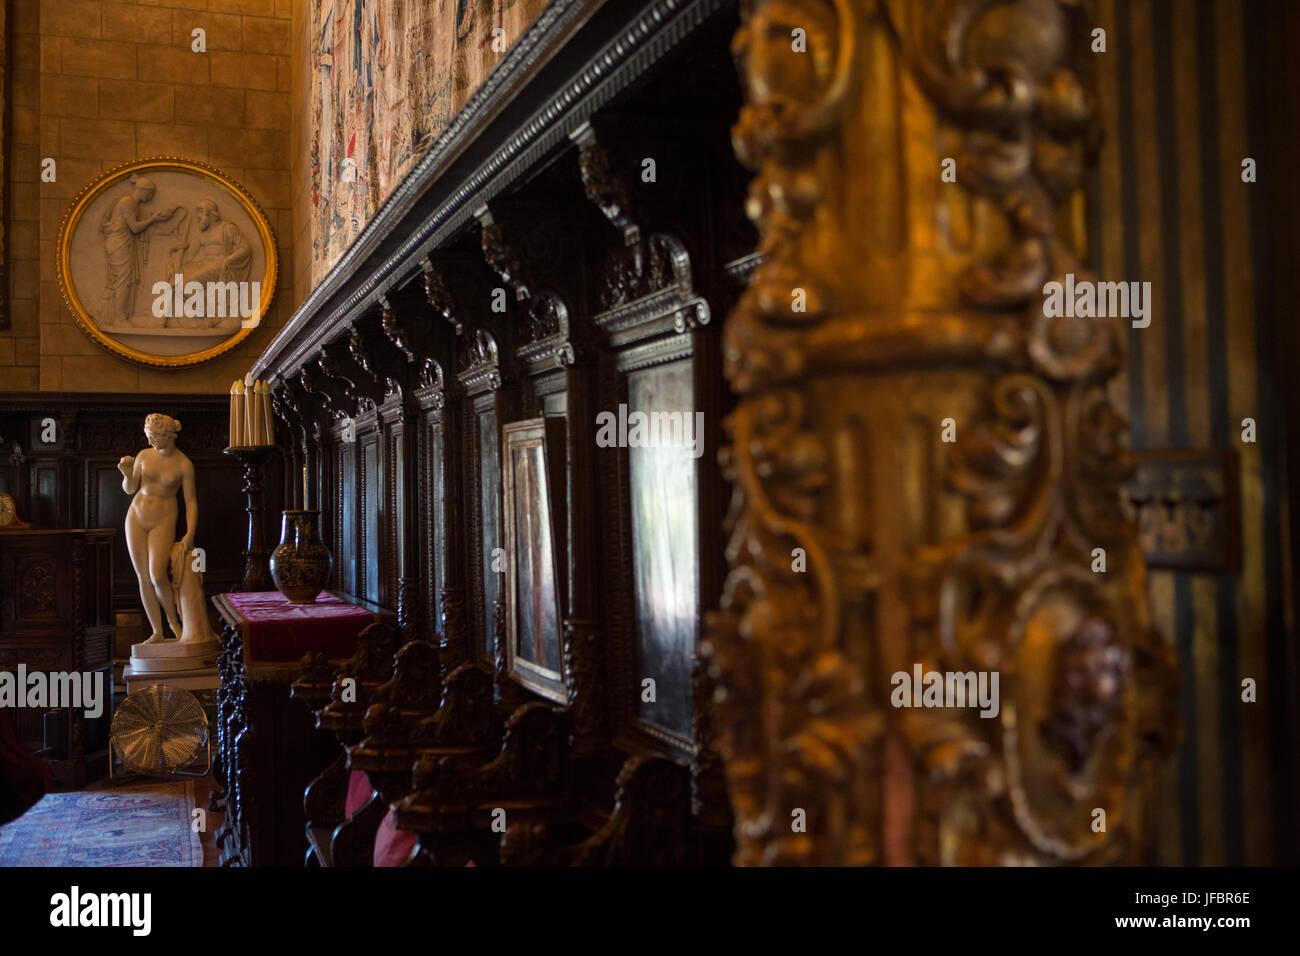 Hearst Castle Innenwände sind mit Chor Stuhl Stände, Statuen geschmückt, und kunstvolle Dekoration. Stockfoto